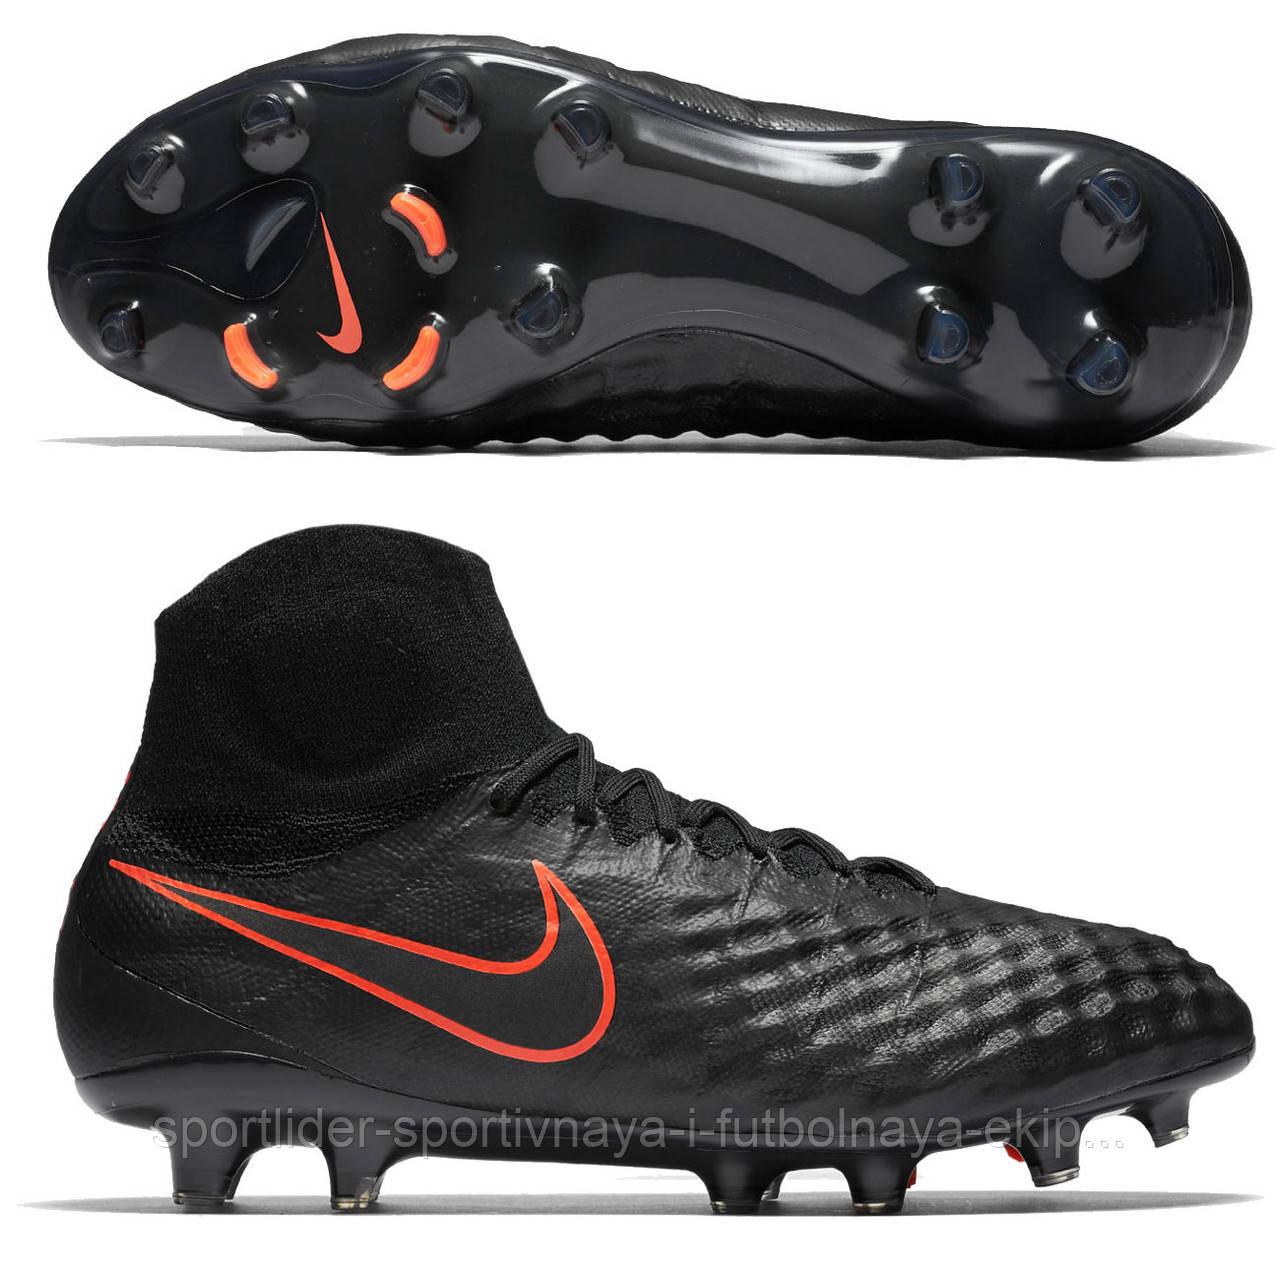 8533499e Футбольные бутсы Nike Magista Obra II FG , цена 6 800 грн., купить в Киеве  — Prom.ua (ID#358144627)